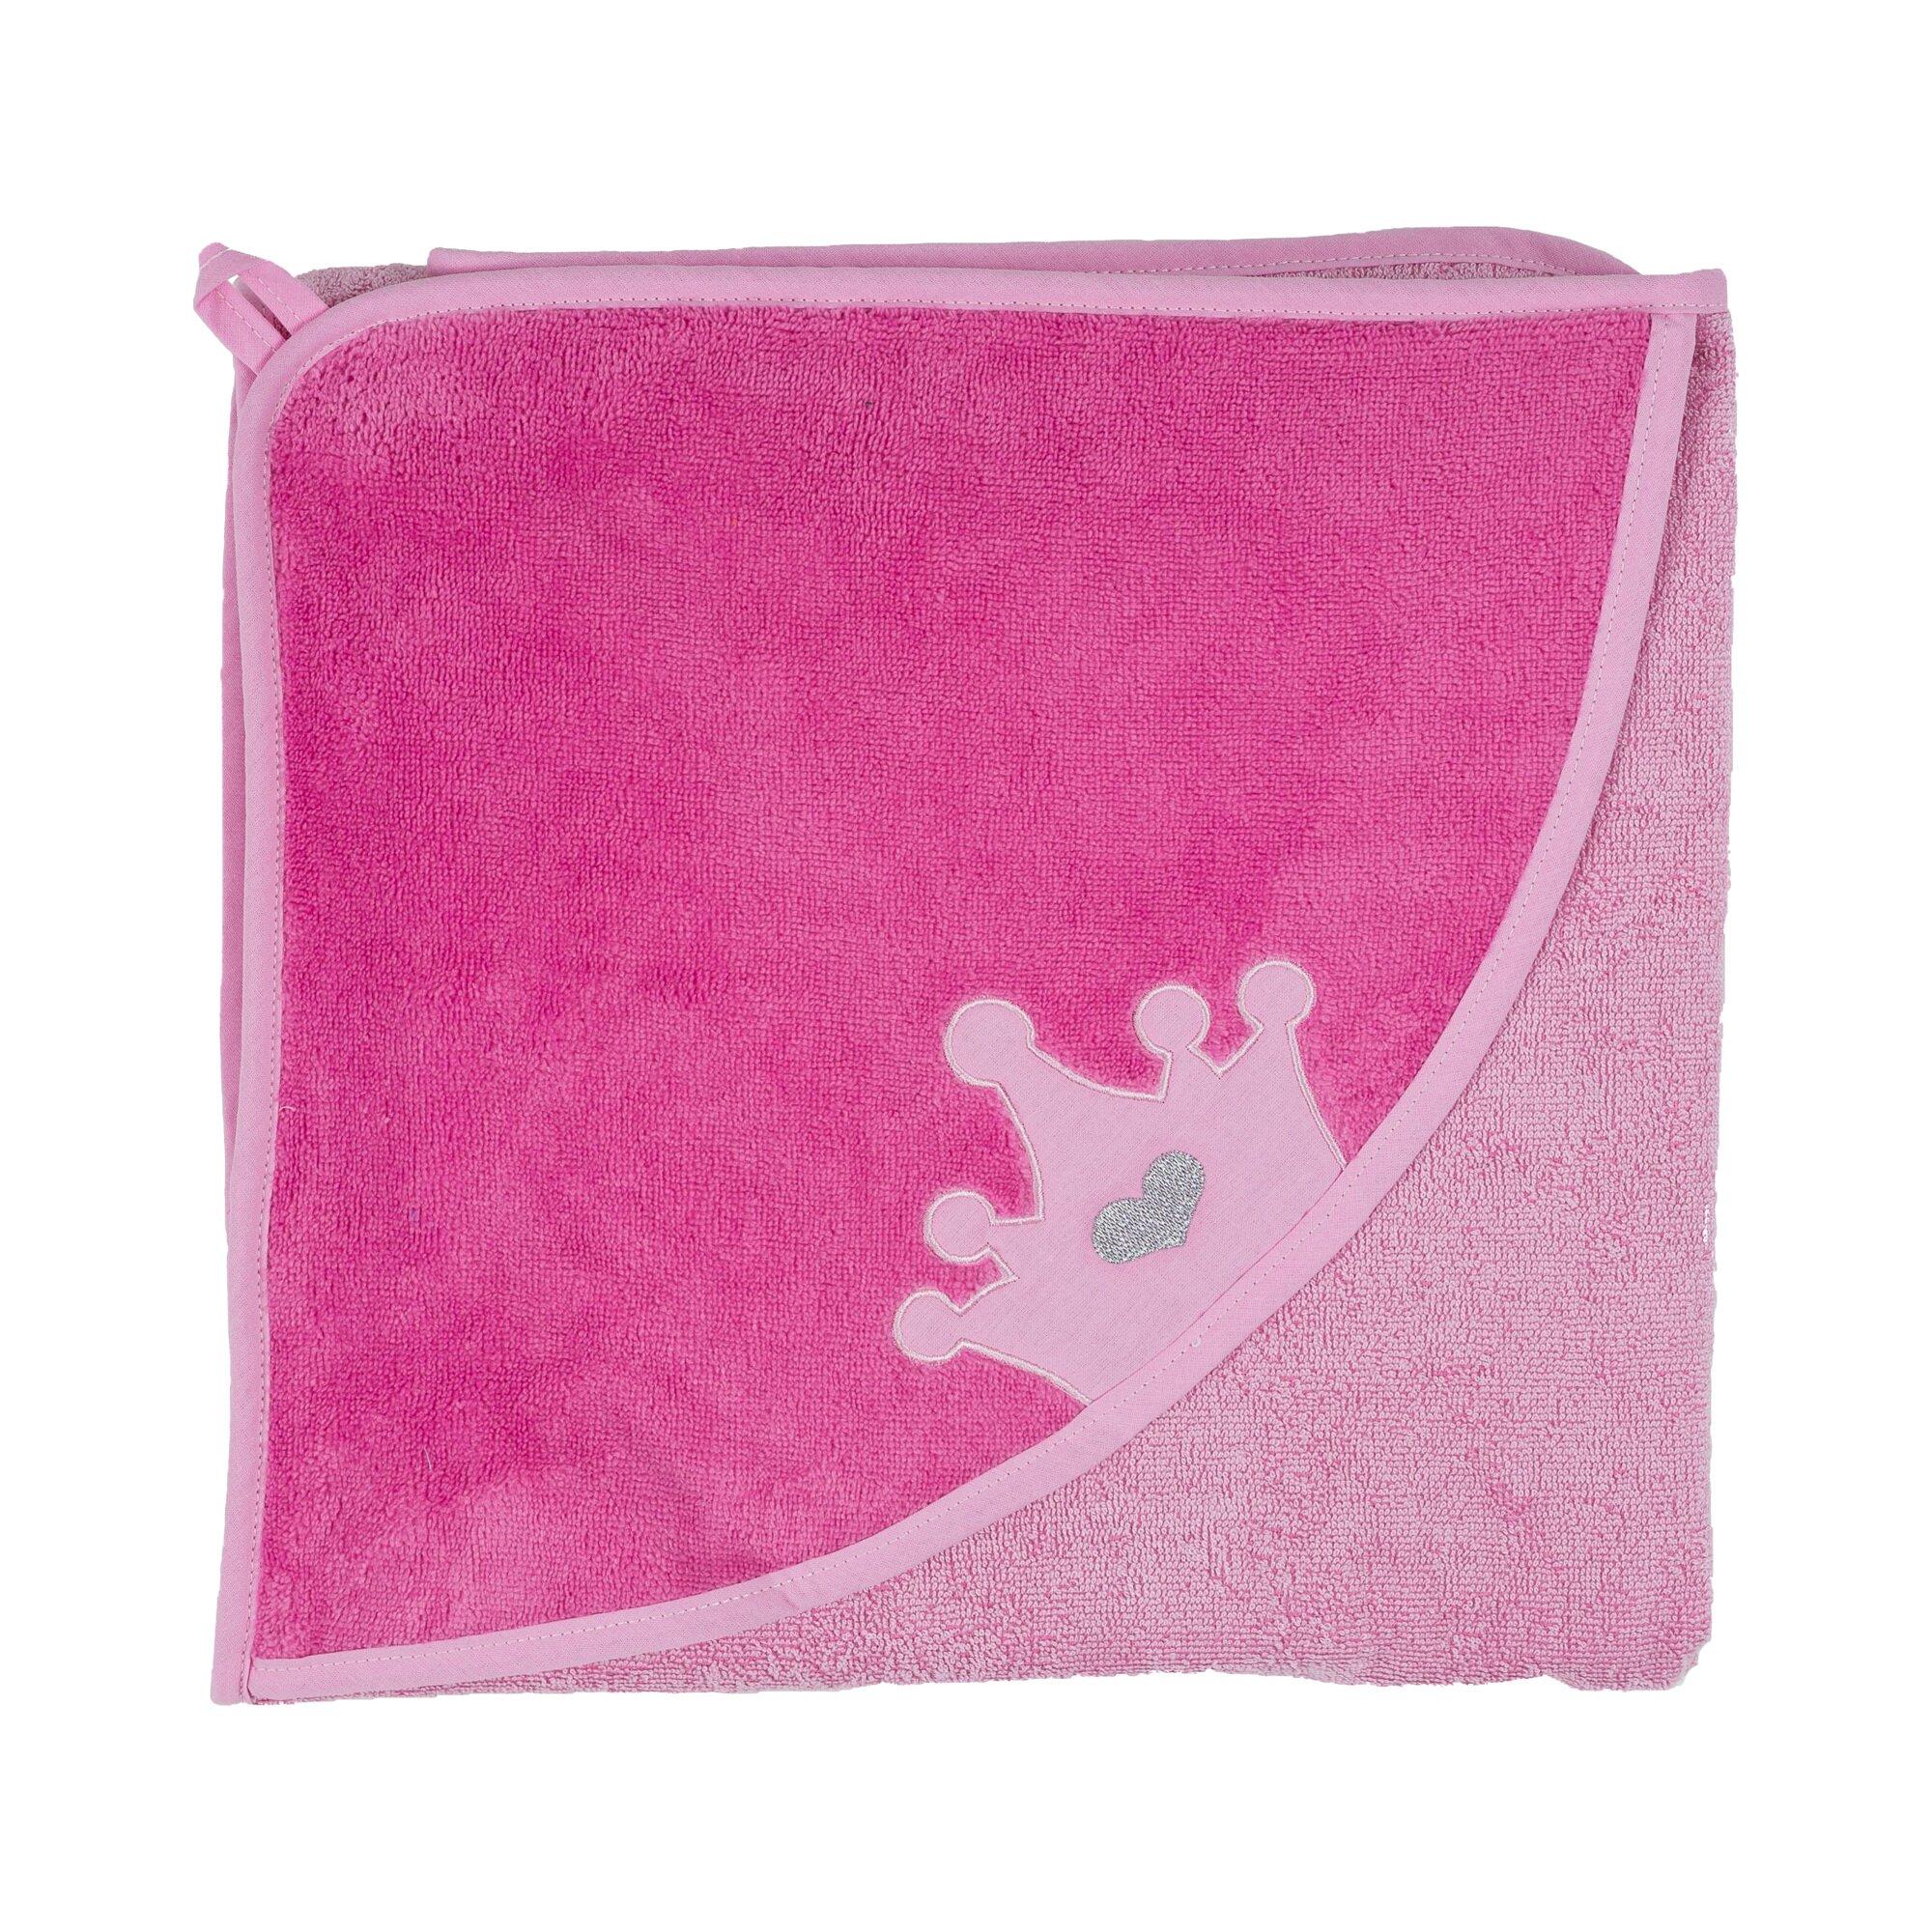 smithy-kapuzen-badetuch-krone-100x100-cm-pink